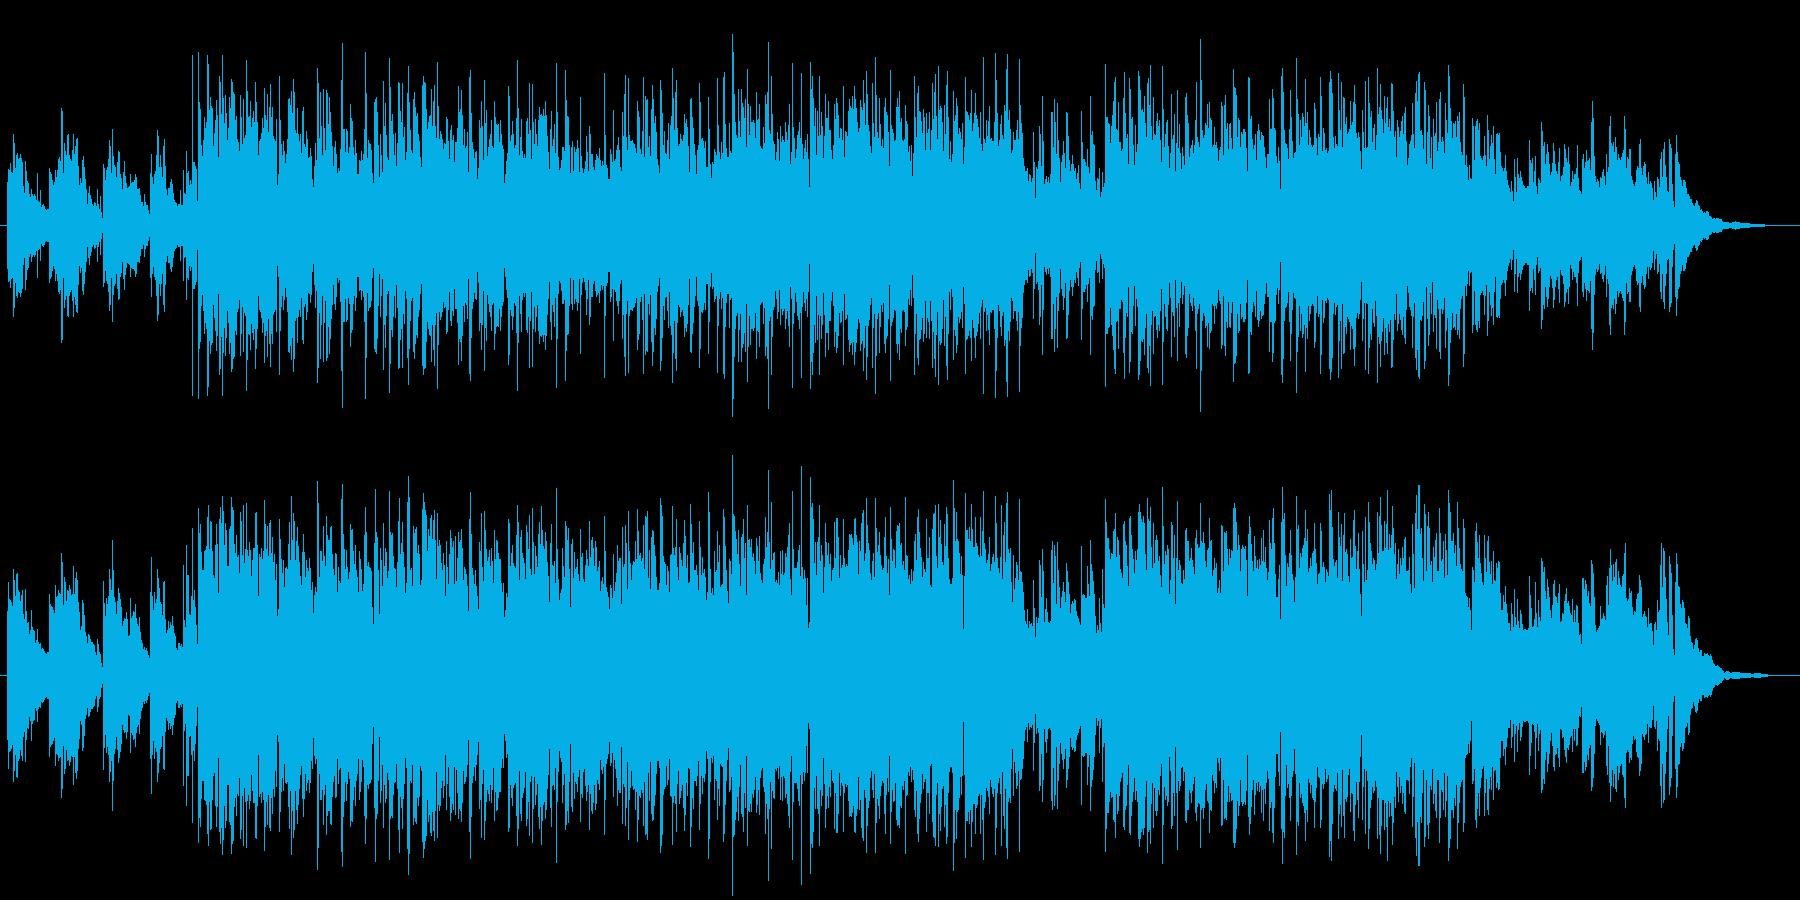 楽しい気持ちになれる明るいメロディの再生済みの波形